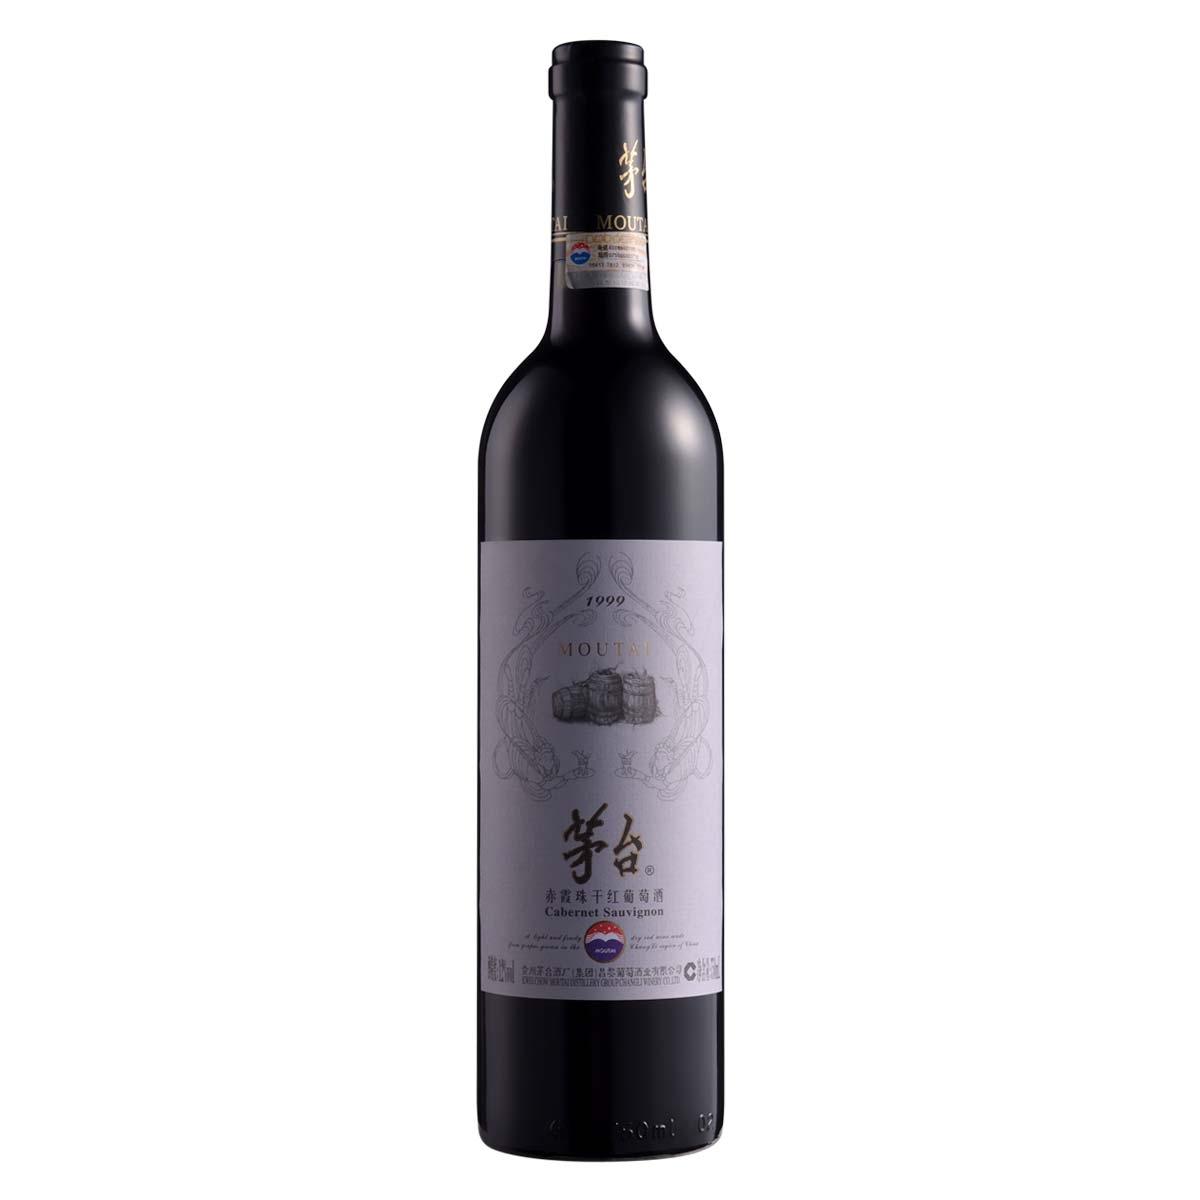 【清仓】茅台红酒赤霞珠干红葡萄酒1999  750ml